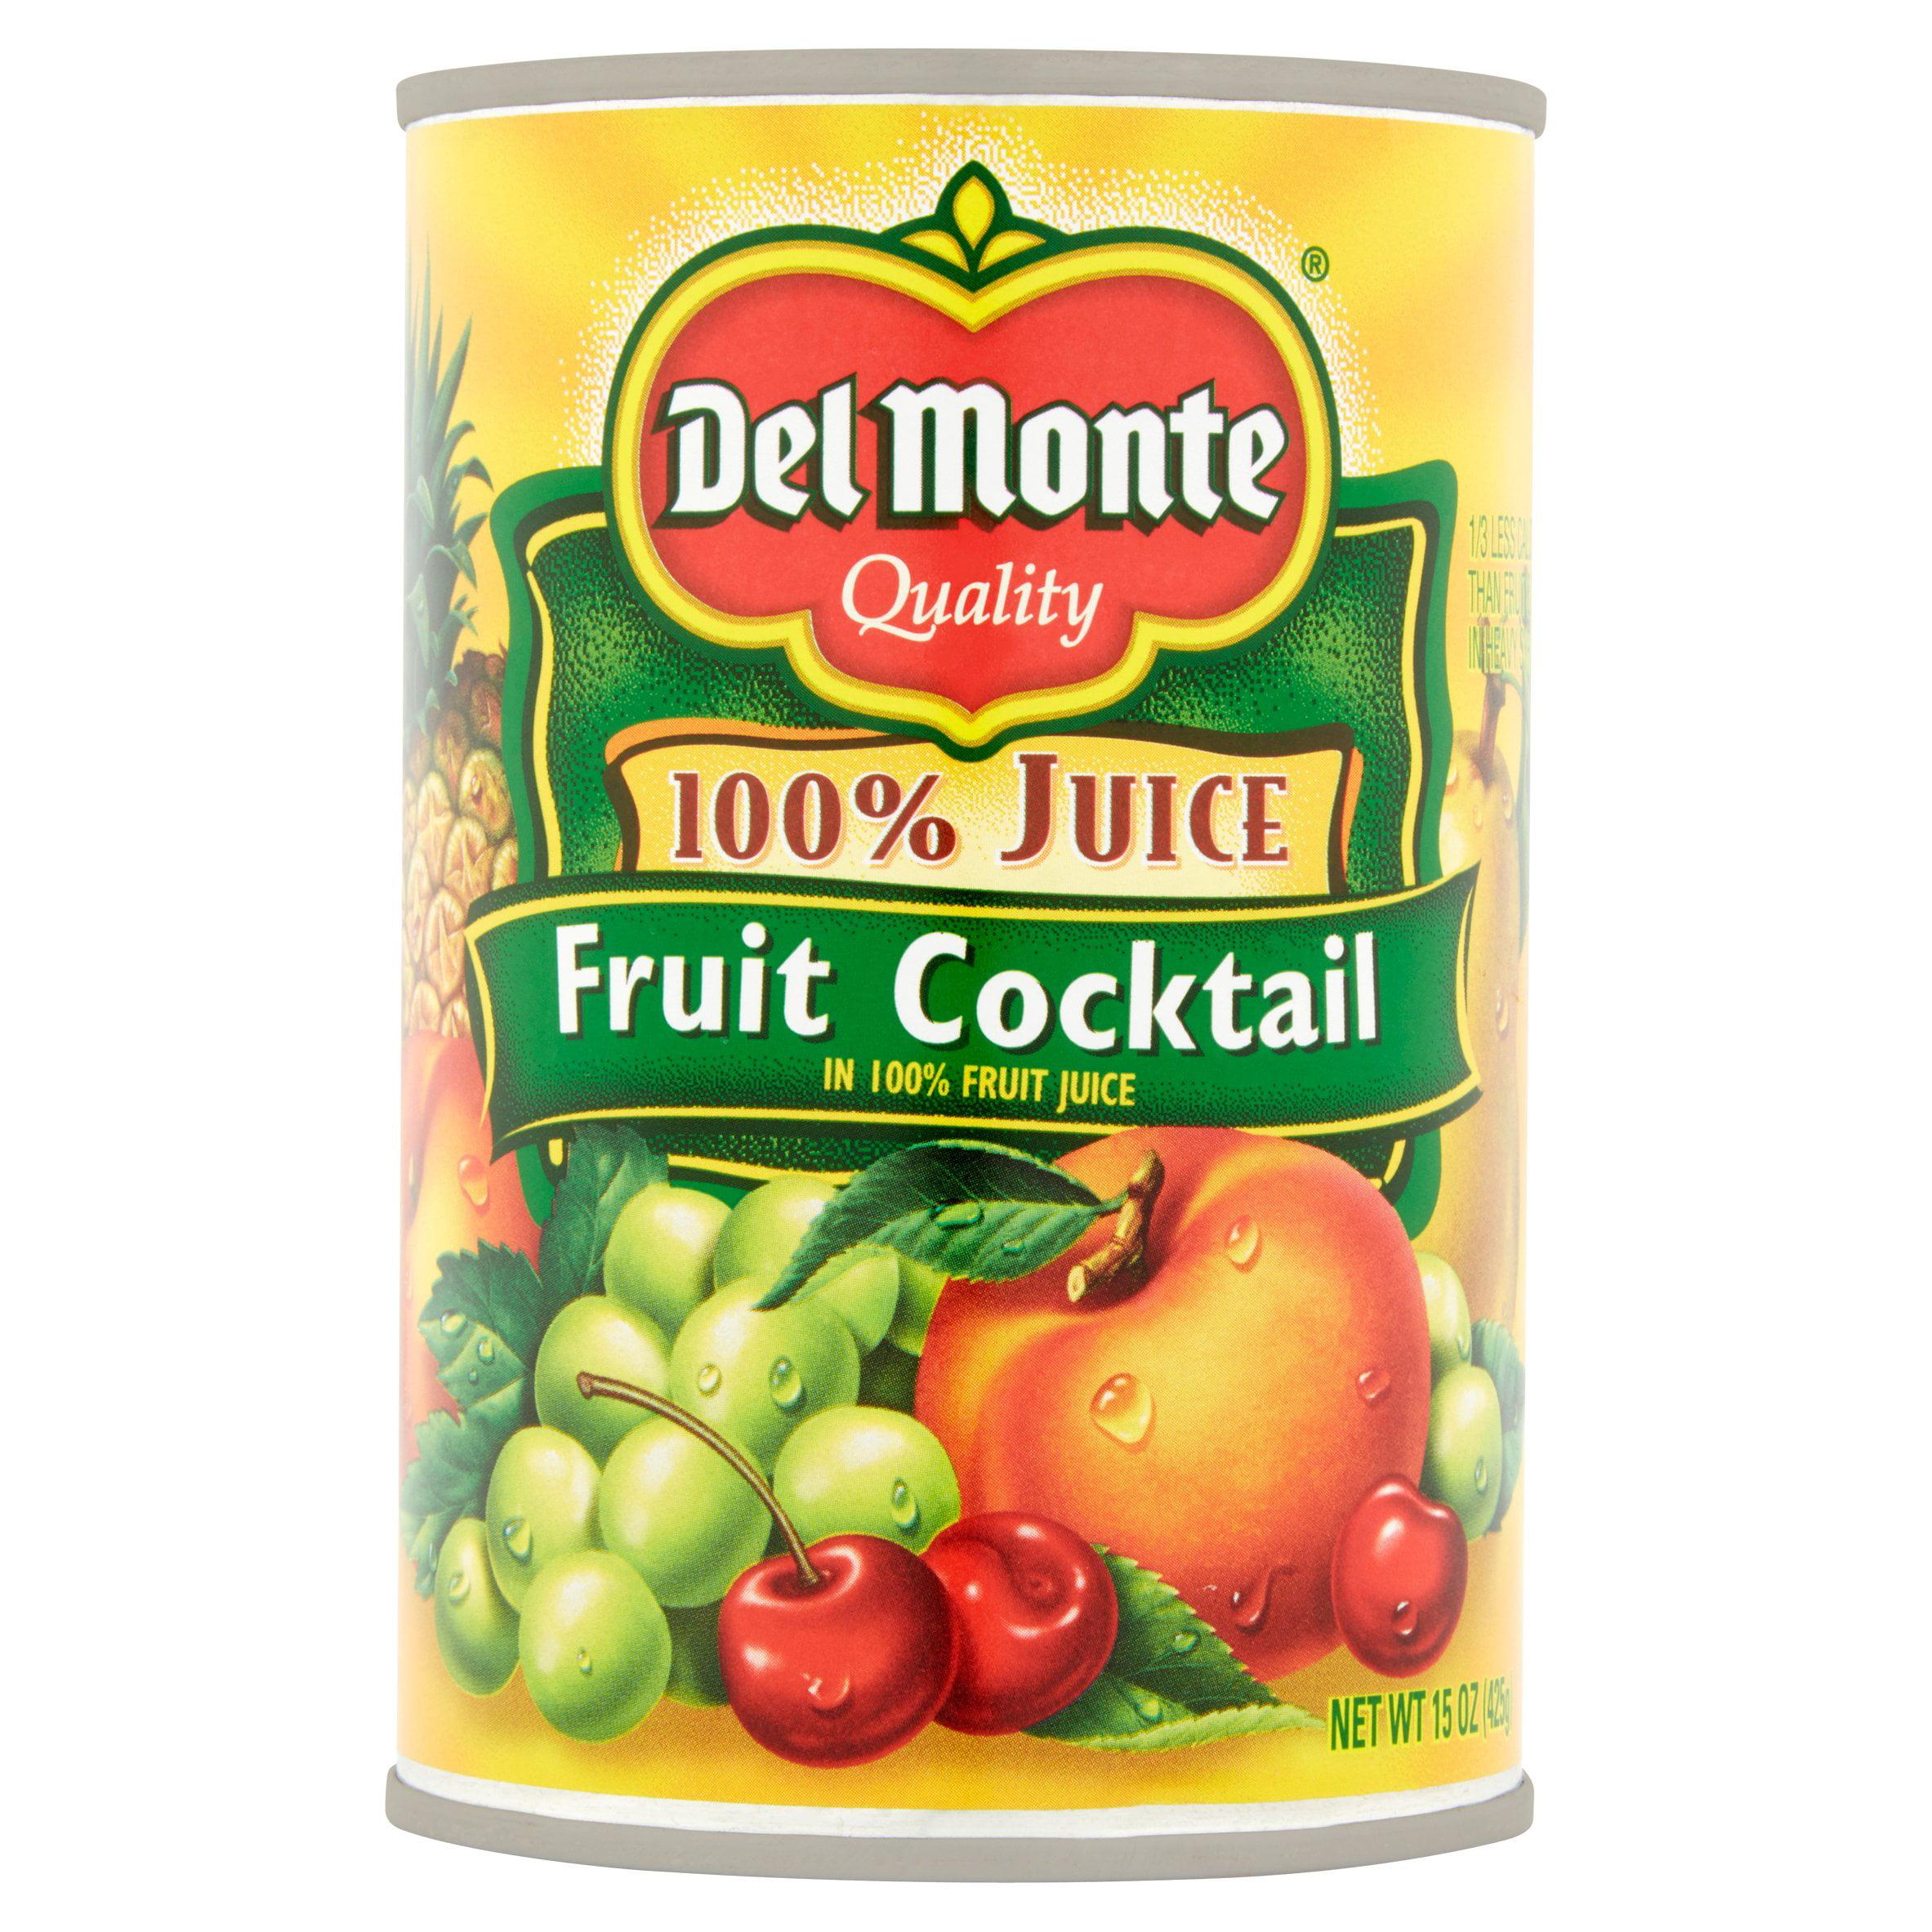 Del Monte 100% Juice Fruit Cocktail, 15 Oz